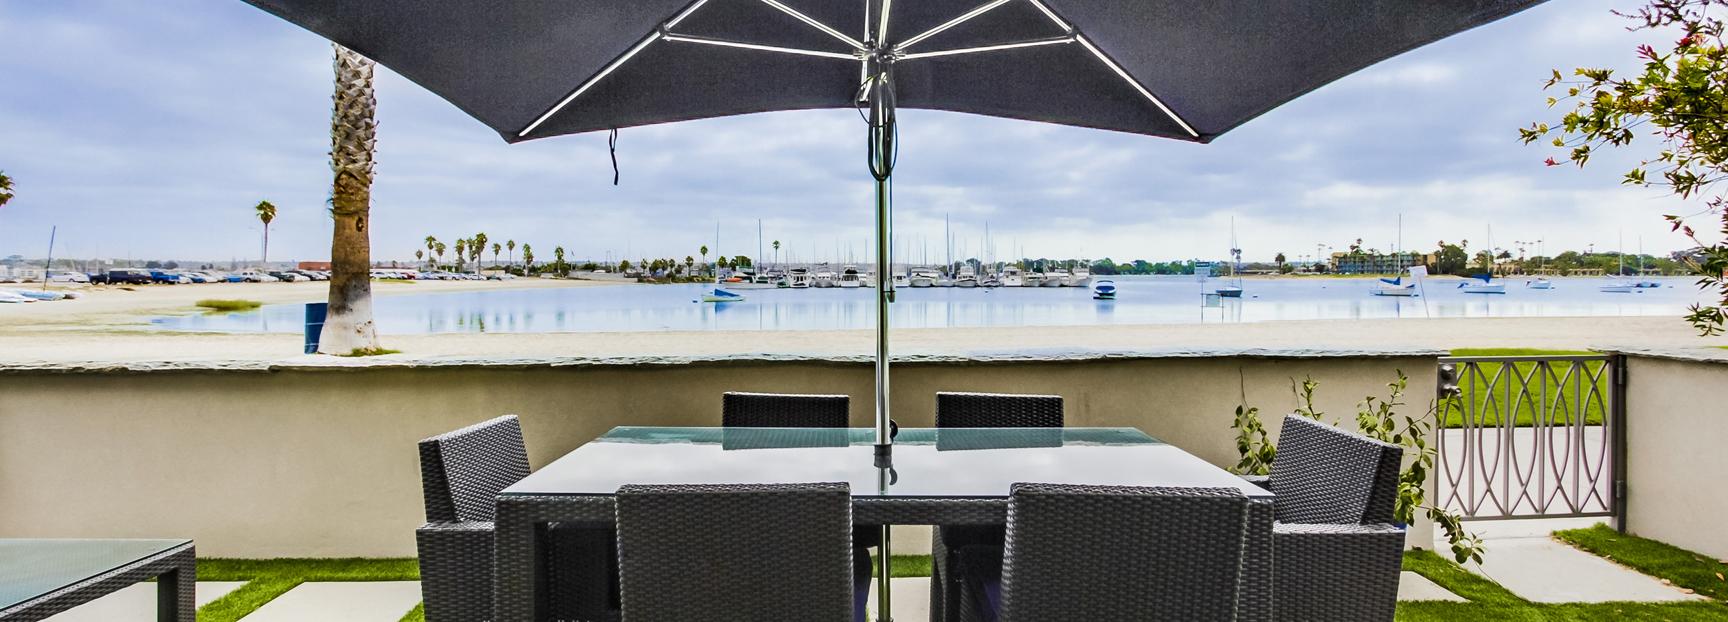 Ocean Pacific Properties San Diego Real Estate Broker